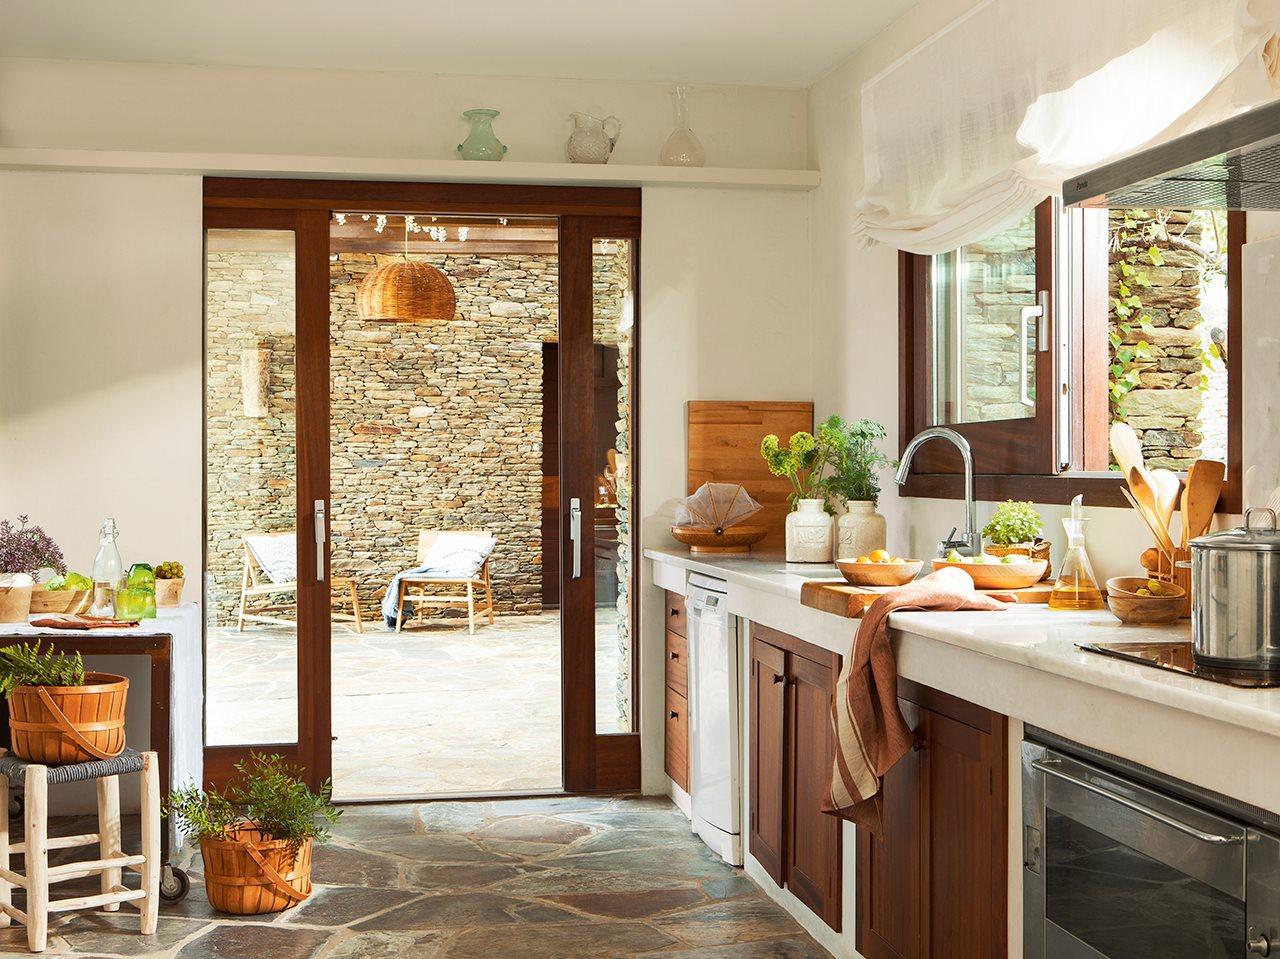 Una casa r stica con vistas a cadaqu s for Pisos de cocinas rusticas